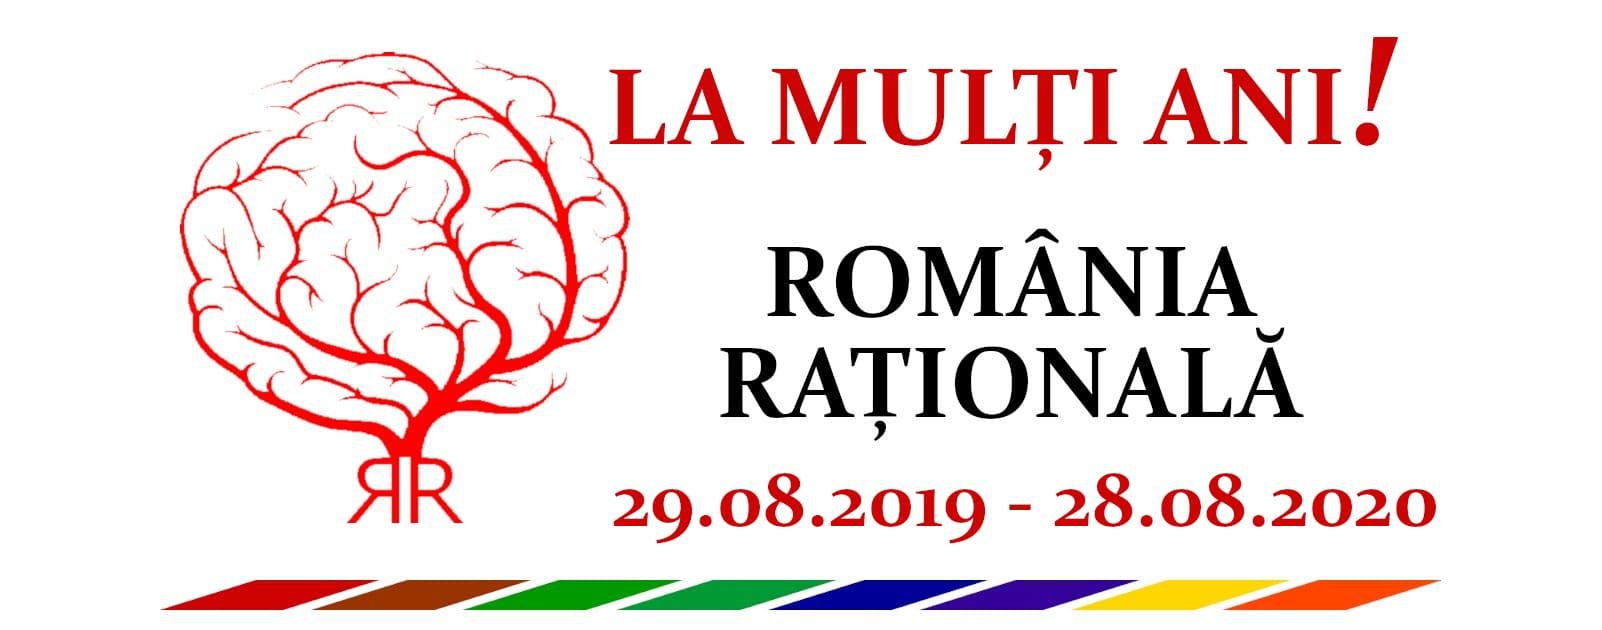 LA MULȚI ANI, ROMÂNIA RAȚIONALĂ ! UN AN DE LA ÎNFIINȚARE, UN AN DE REALIZĂRI INEDITE